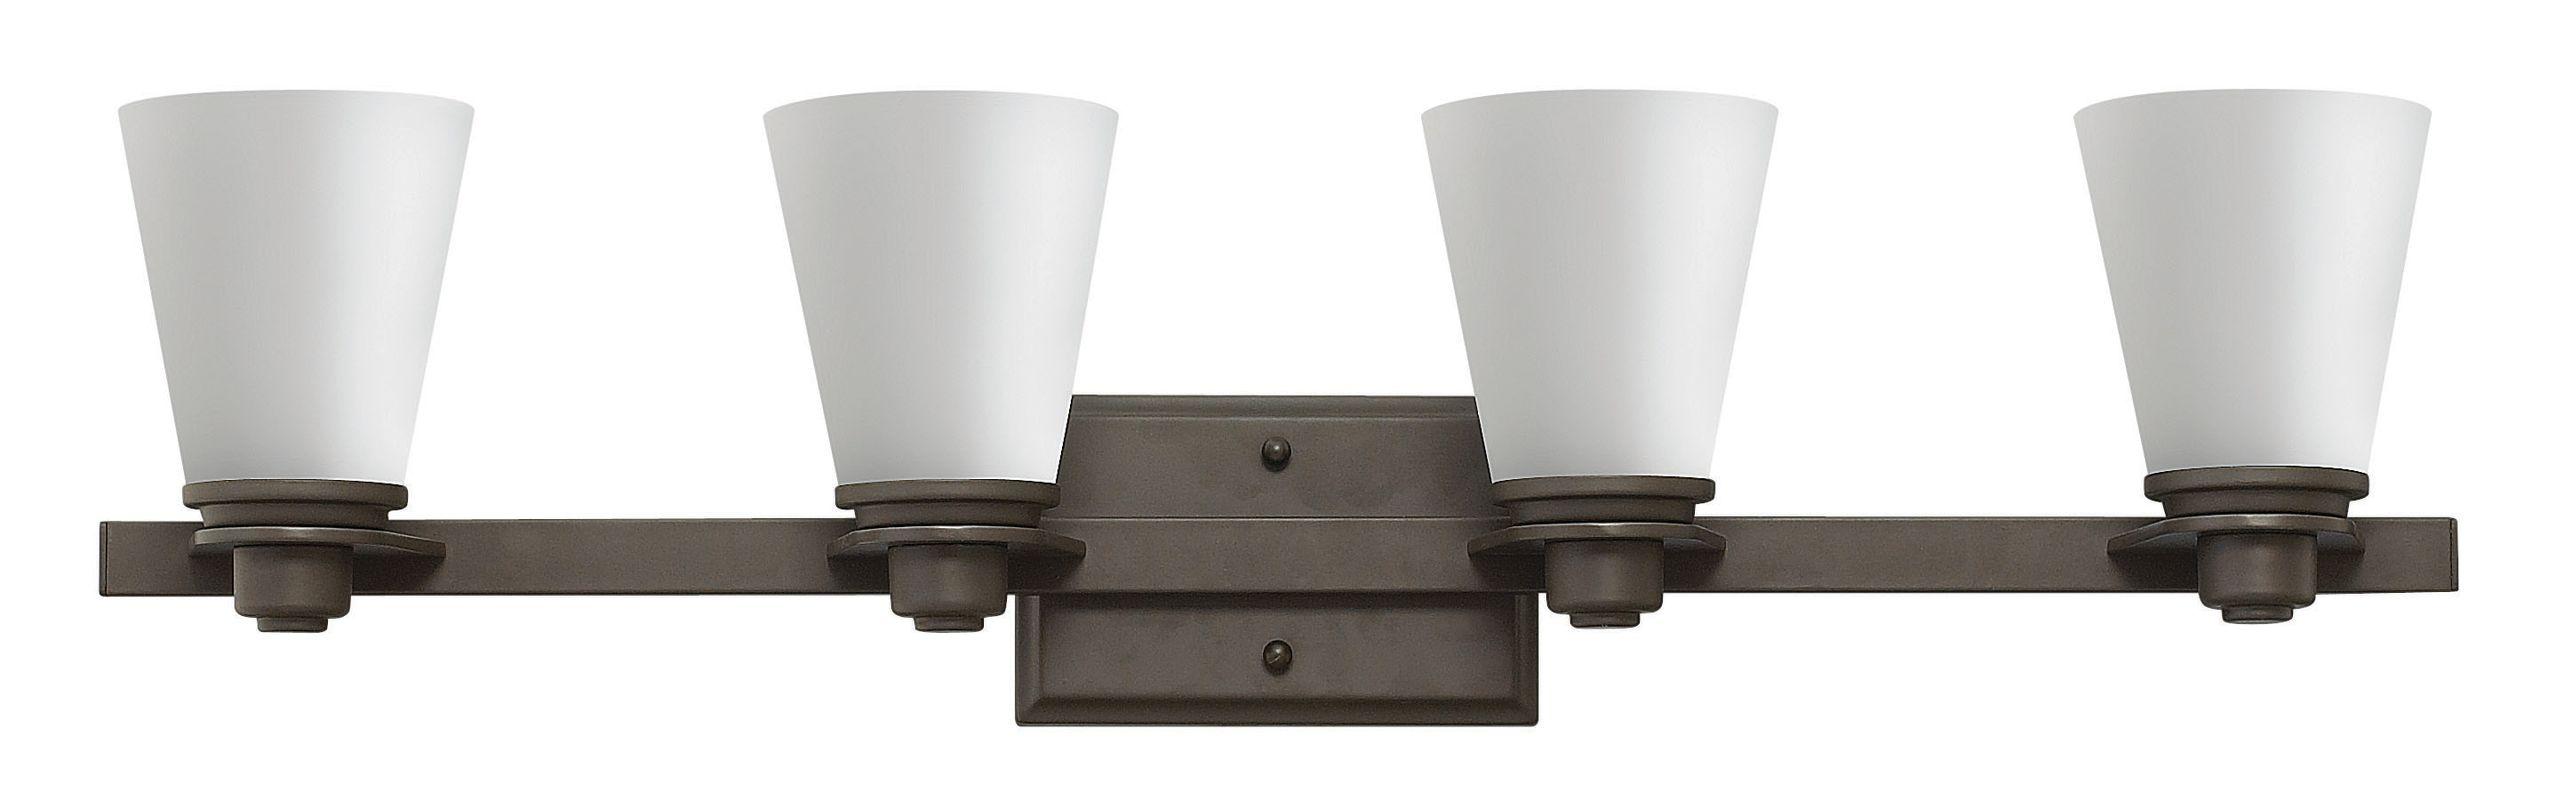 Hinkley Lighting 5554 4 Light Bathroom Vanity Light from the Avon Sale $259.00 ITEM#: 2635566 MODEL# :5554KZ UPC#: 640665555462 :